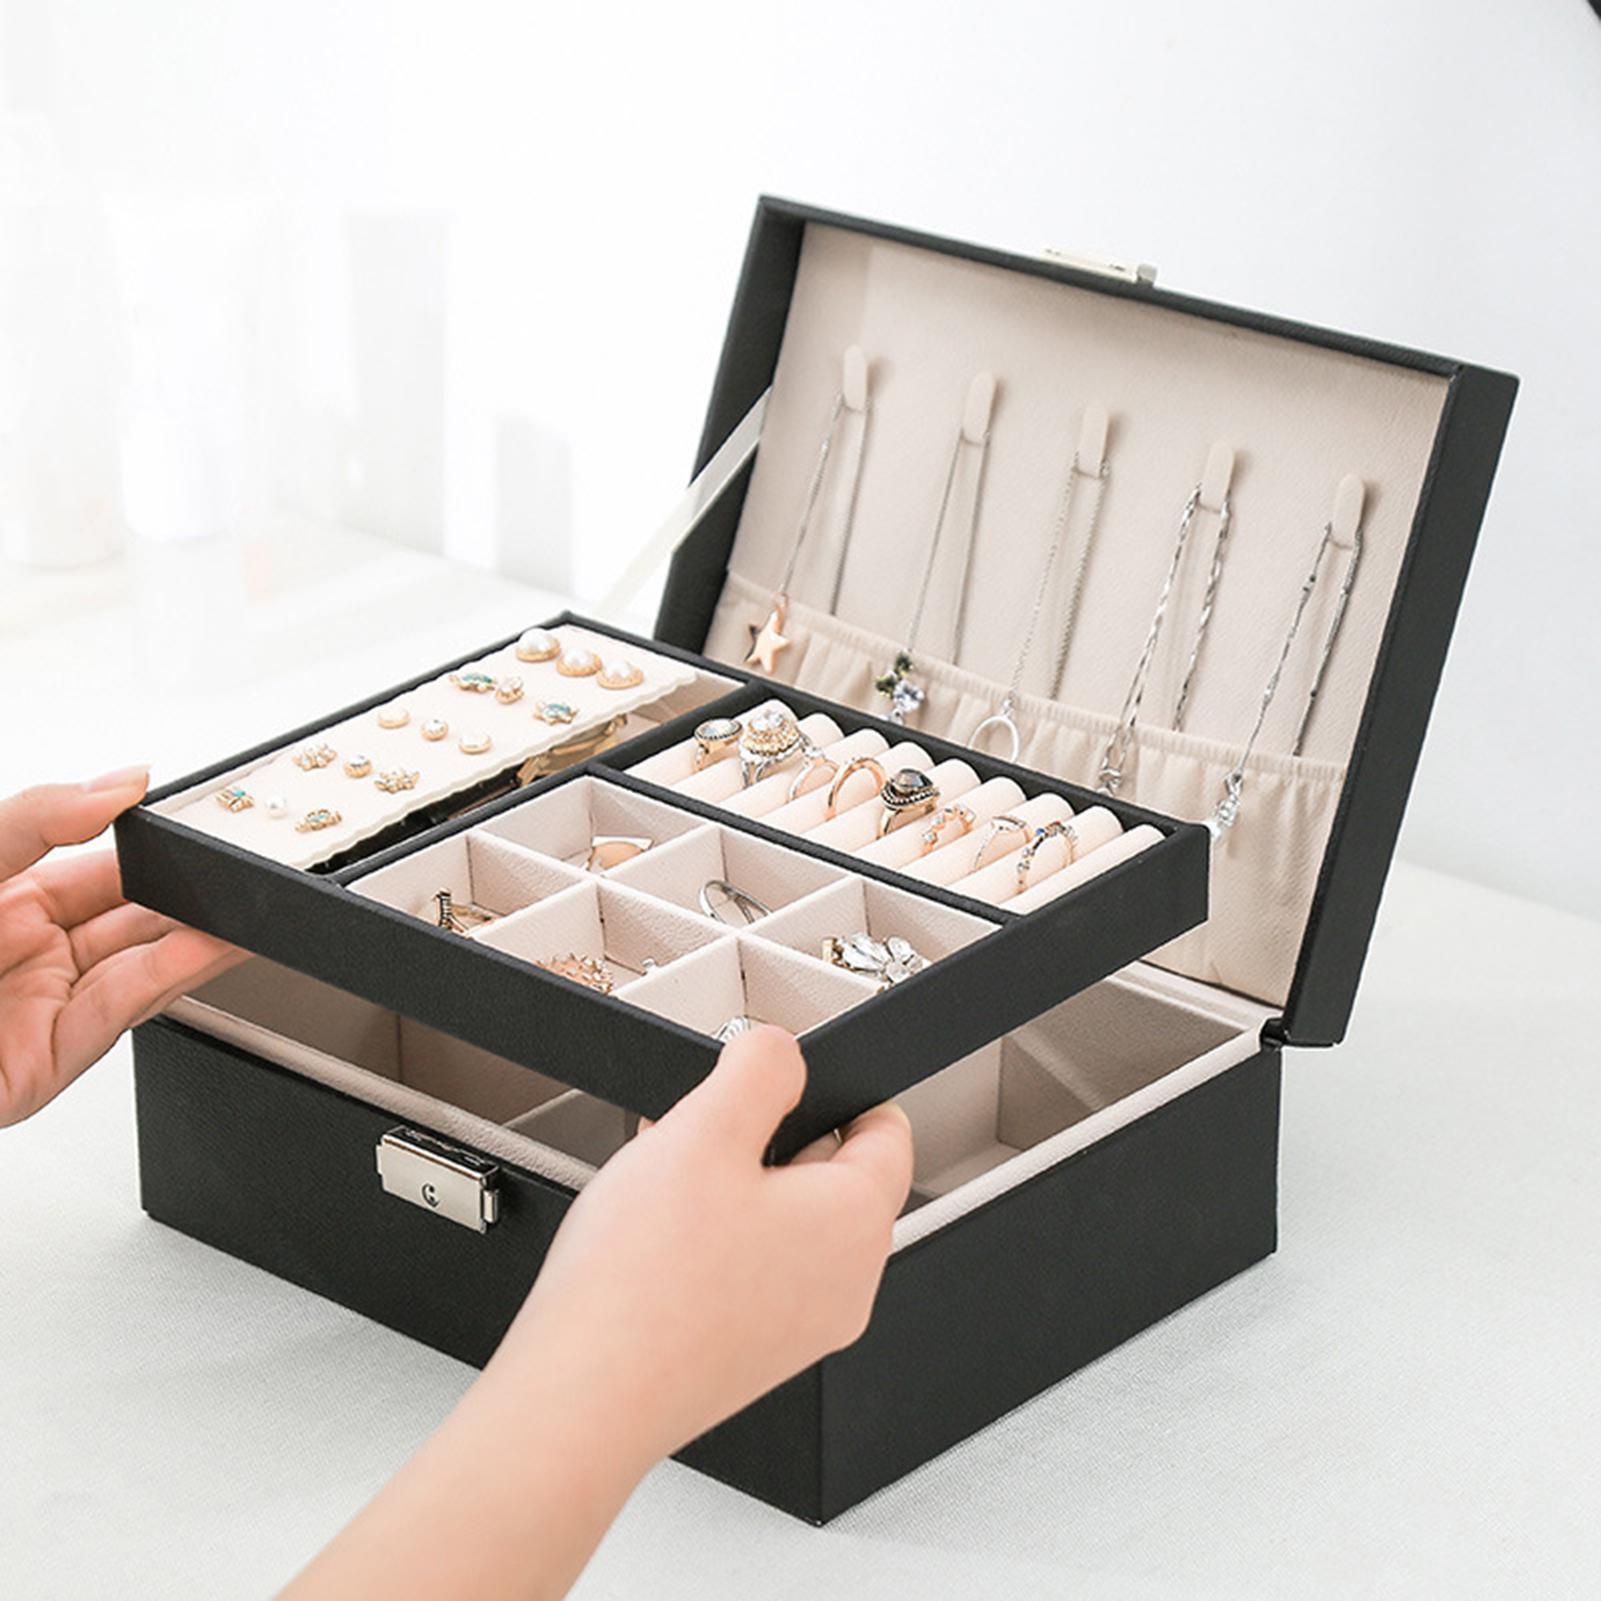 Органайзер-для-ювелирных-украшений-для-женщин-и-девушек-двухслойная-шкатулка-для-хранения-ожерелий